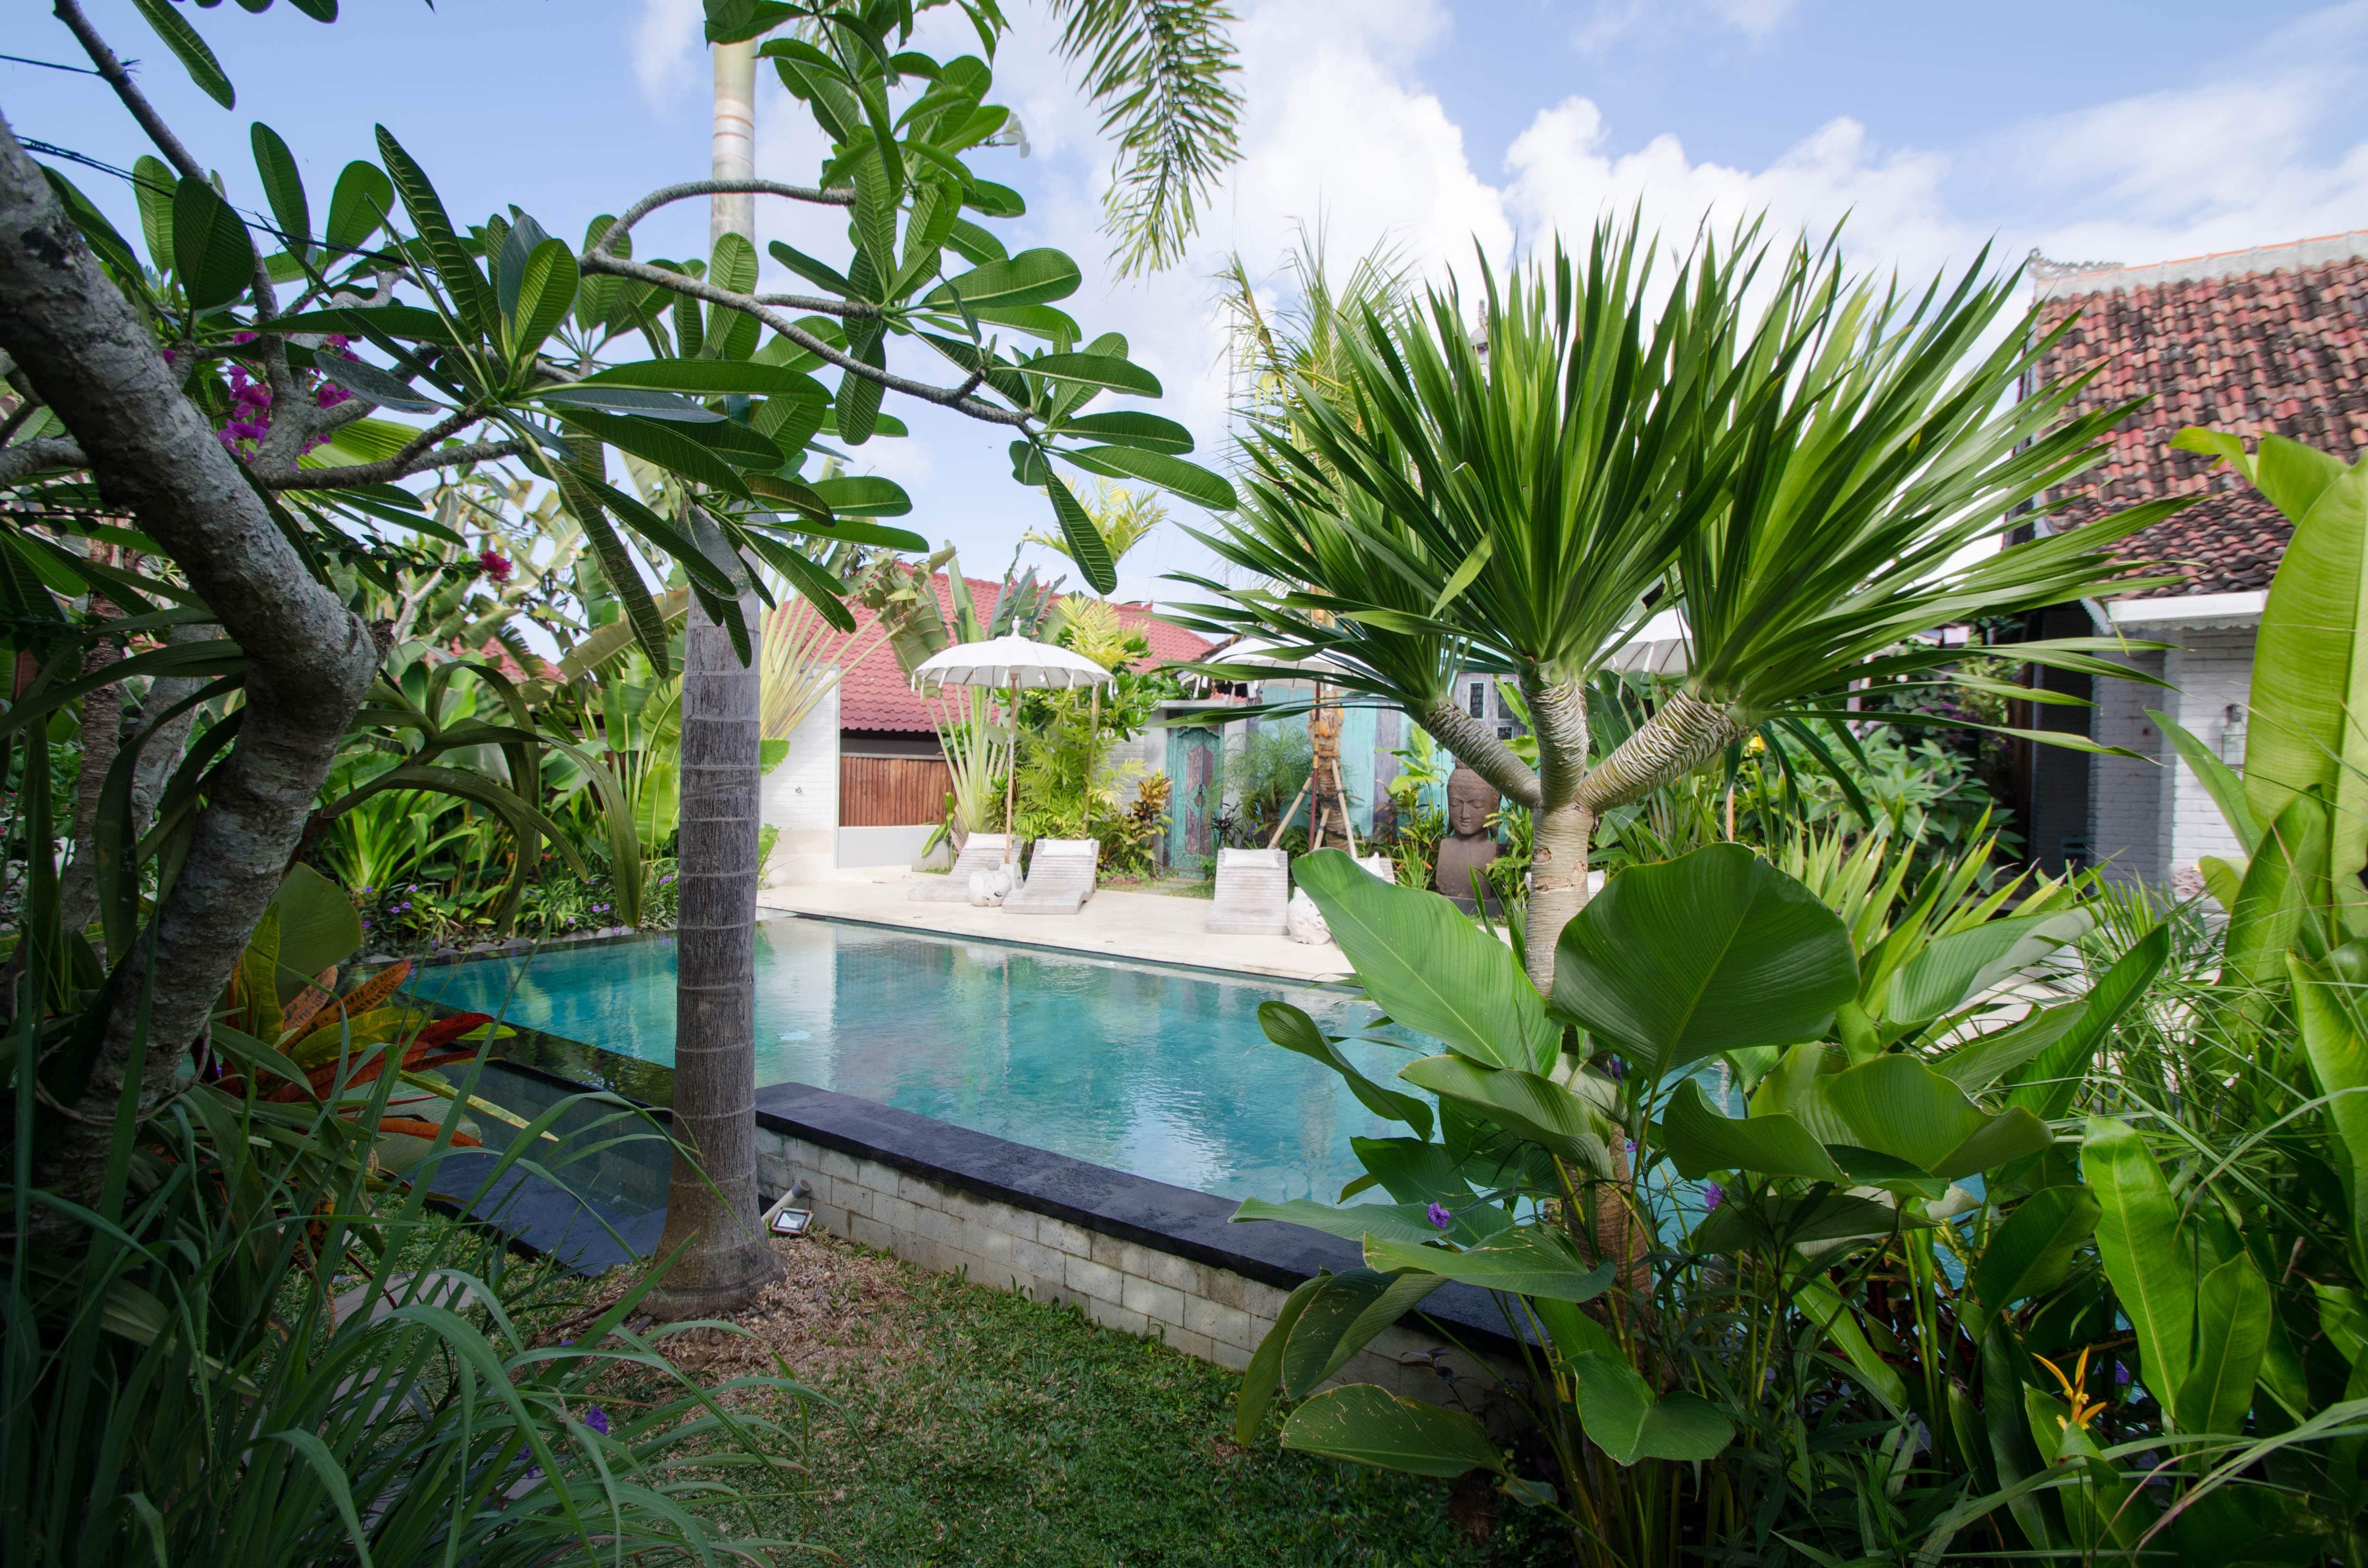 Notre séjour à Bali: d'Uluwatu à Canggu